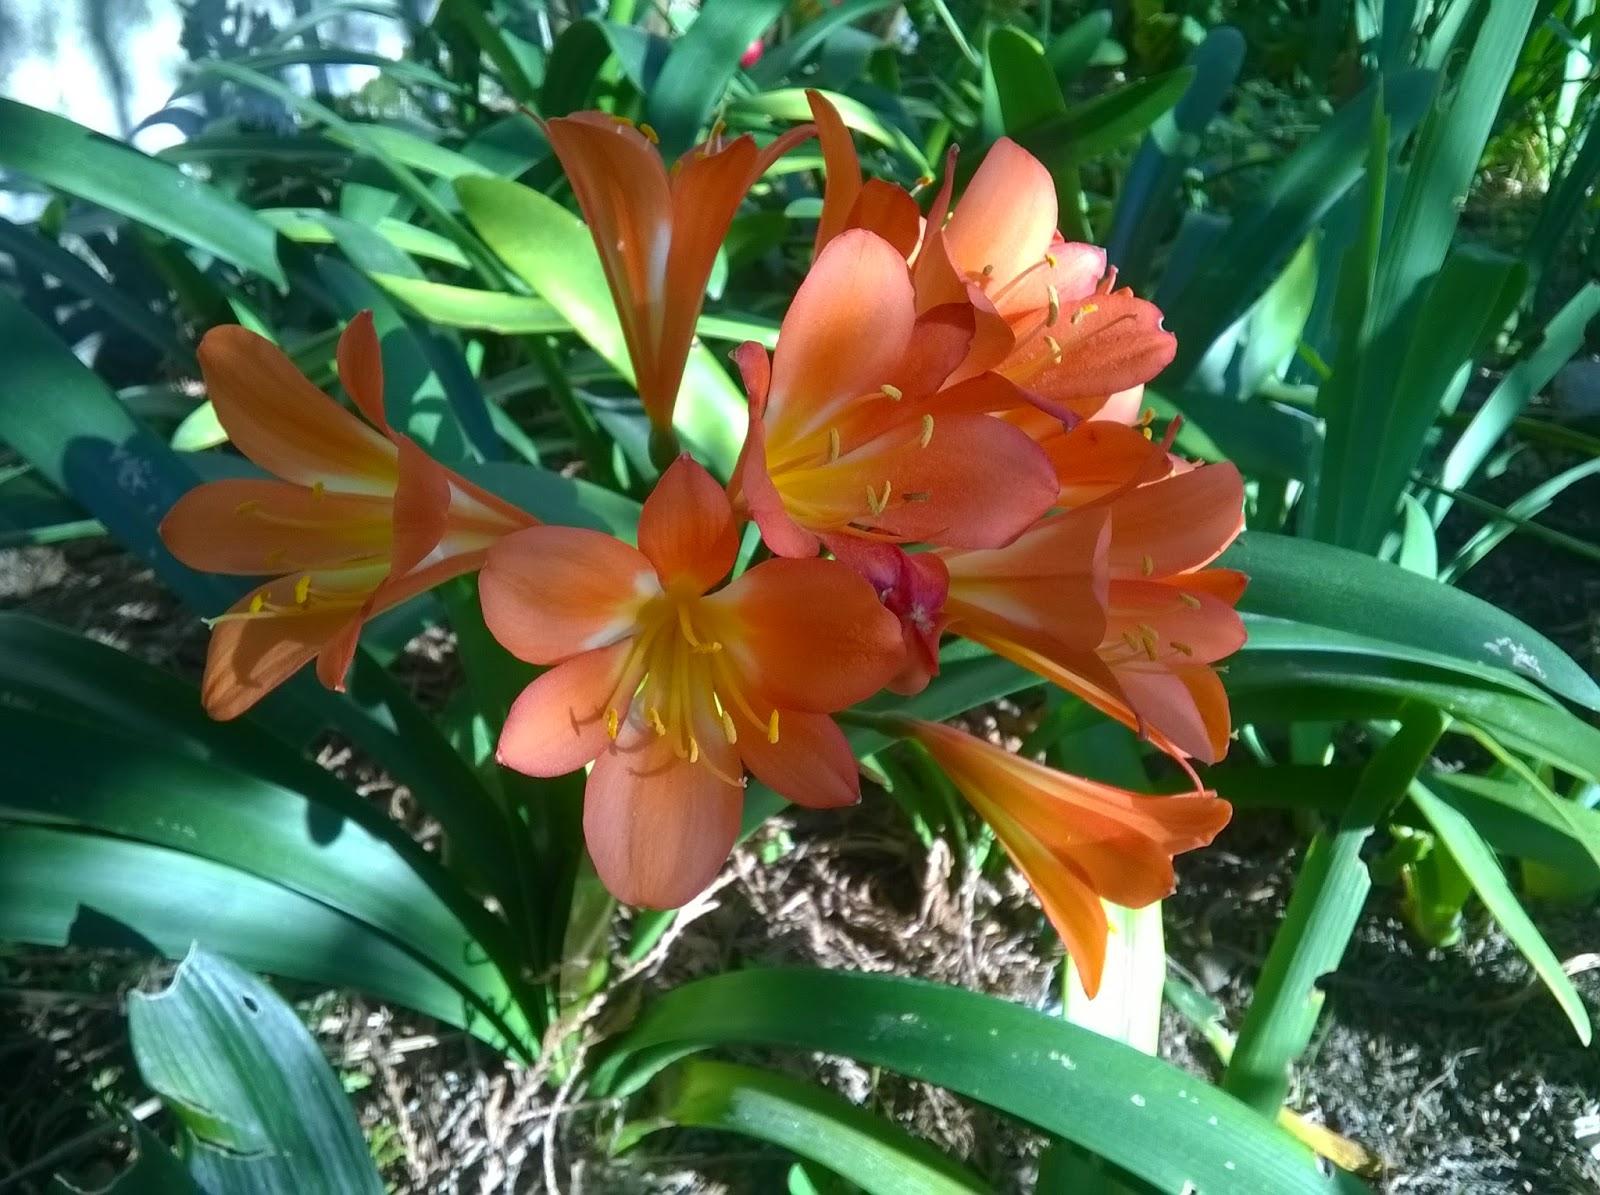 Plantas exterior con flor amazing great latest mihounion - Plantas de exterior ...